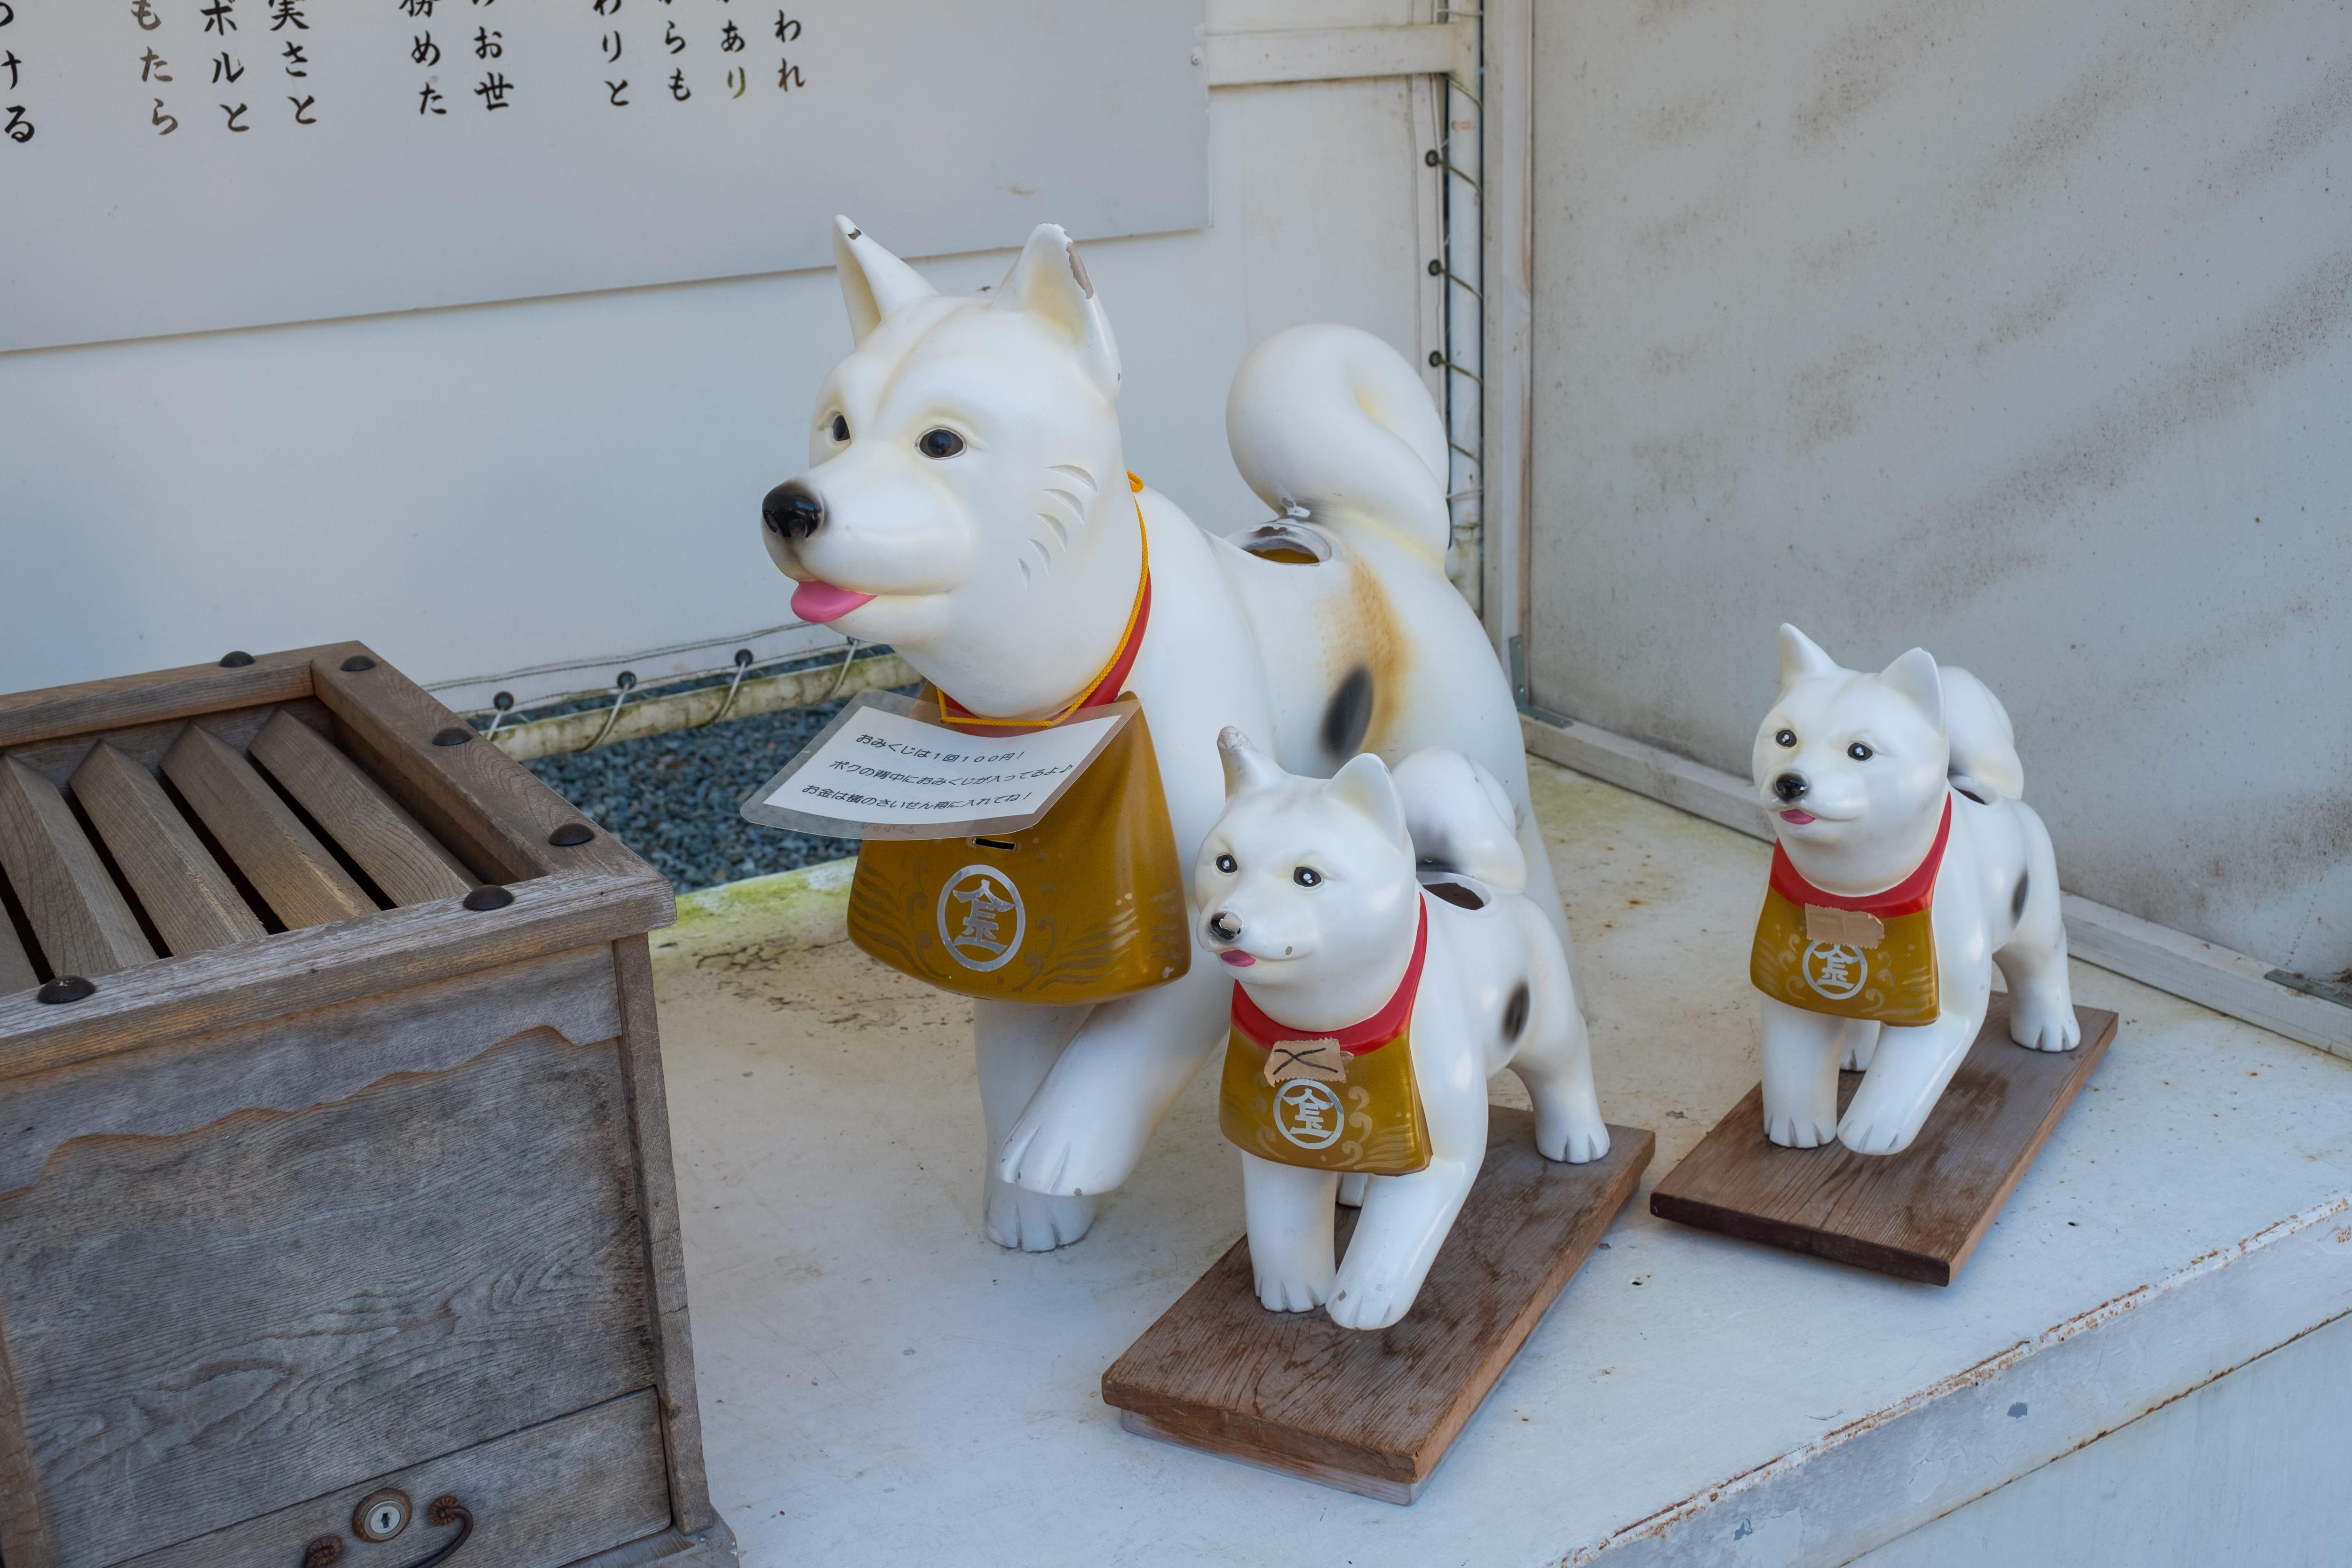 785石階最難參拜!日本香川「⾦刀比羅宮」供奉金毘羅神!